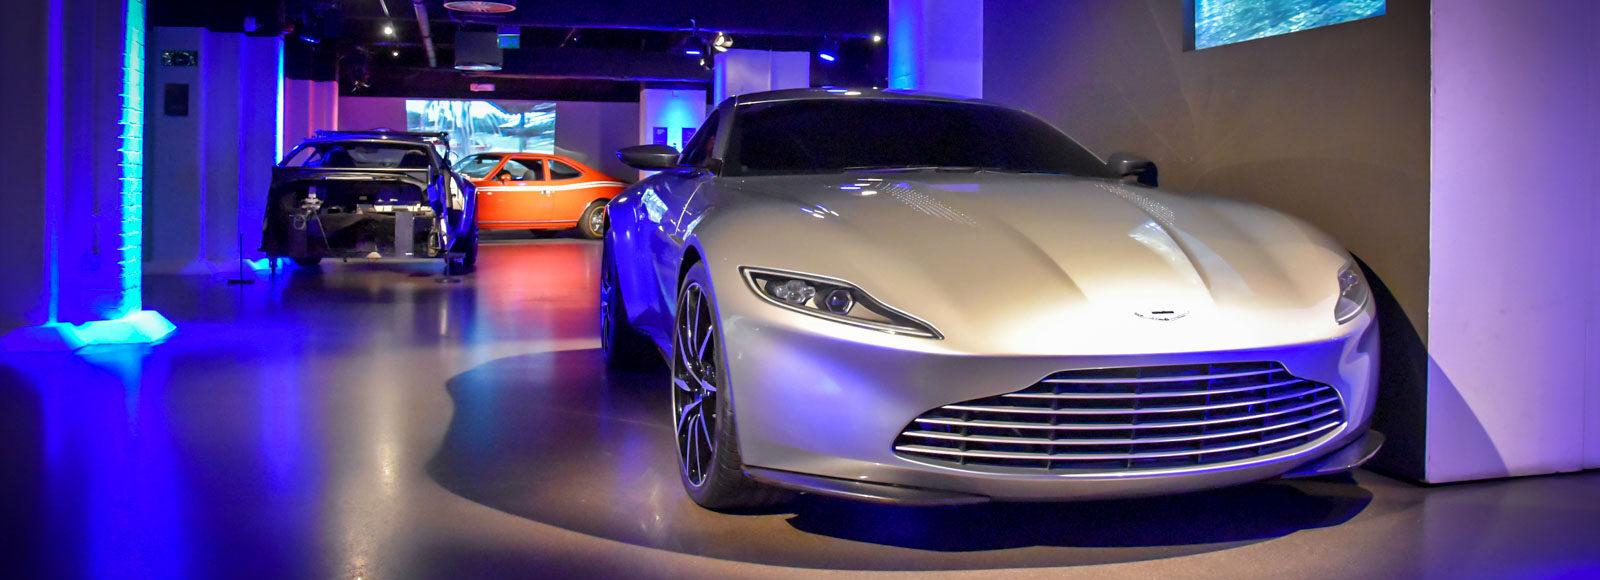 Aston Martin DB10 v muzeu